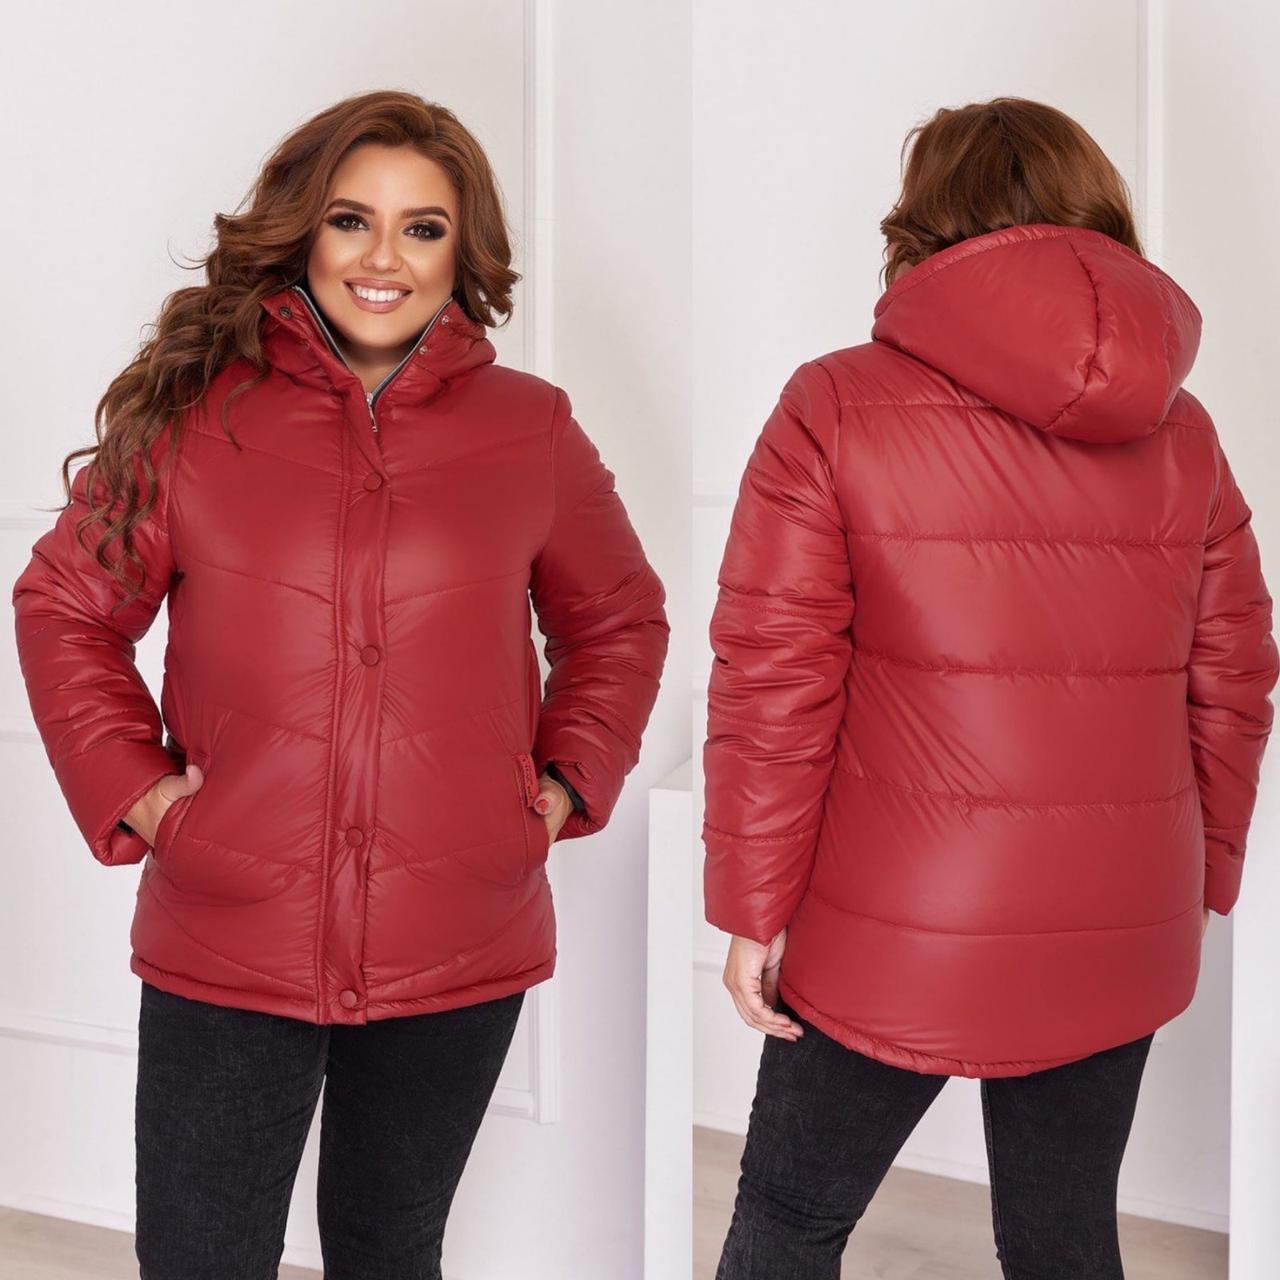 Женская куртка синтепон 150.Новинка 2020